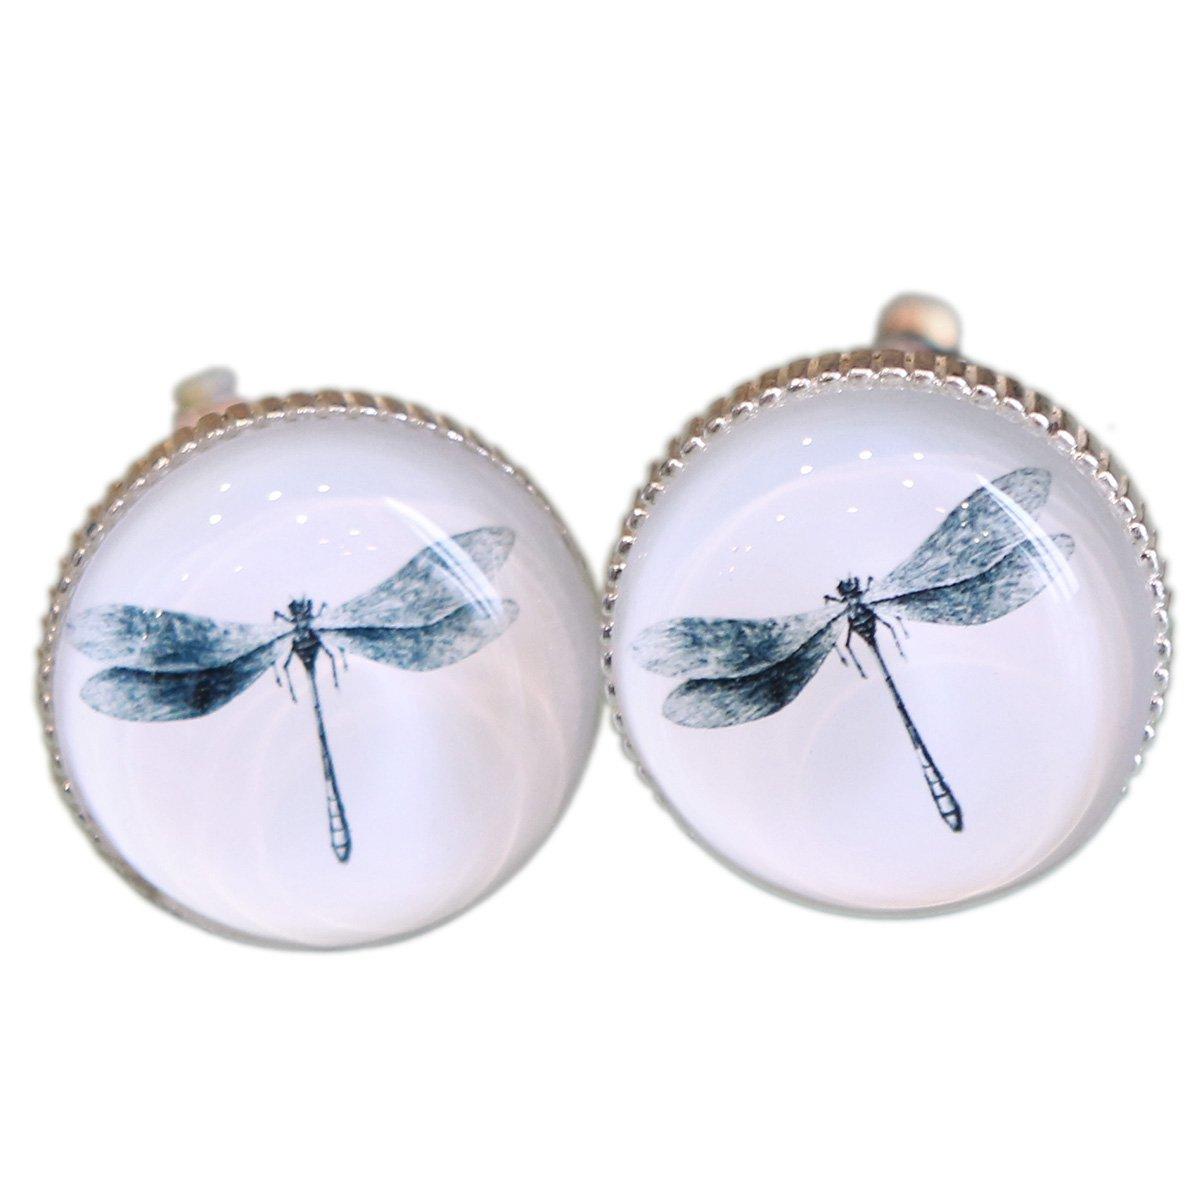 Boutons de tiroir en verre avec motif libellule,, Métal et verre, Dragonfly, 5 cm l x 6 cm h x 5cm w NIKKY HOME